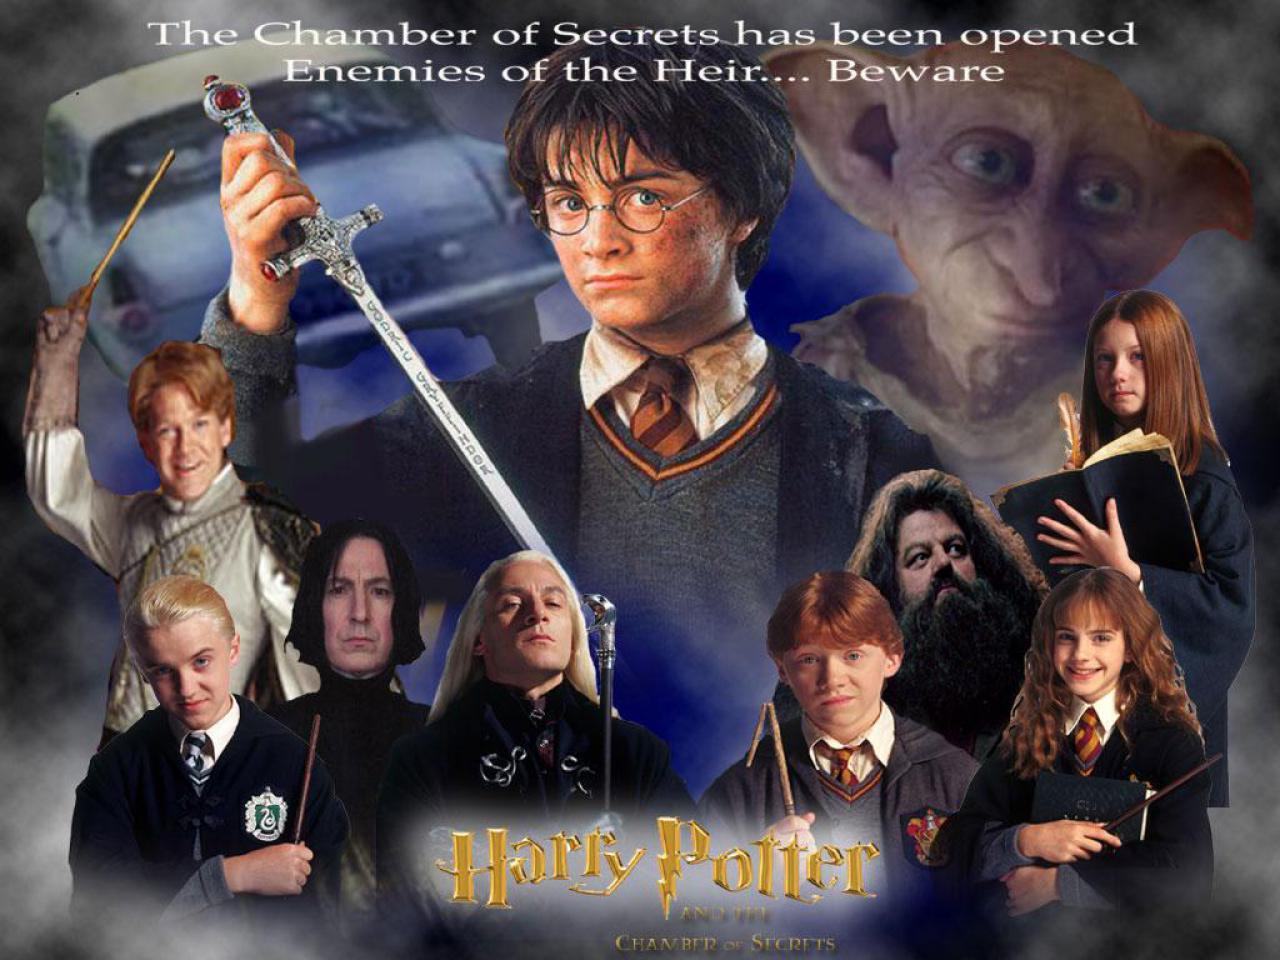 Charmant Harry Potter Et La Chambre Des Secrets 1280 X 960